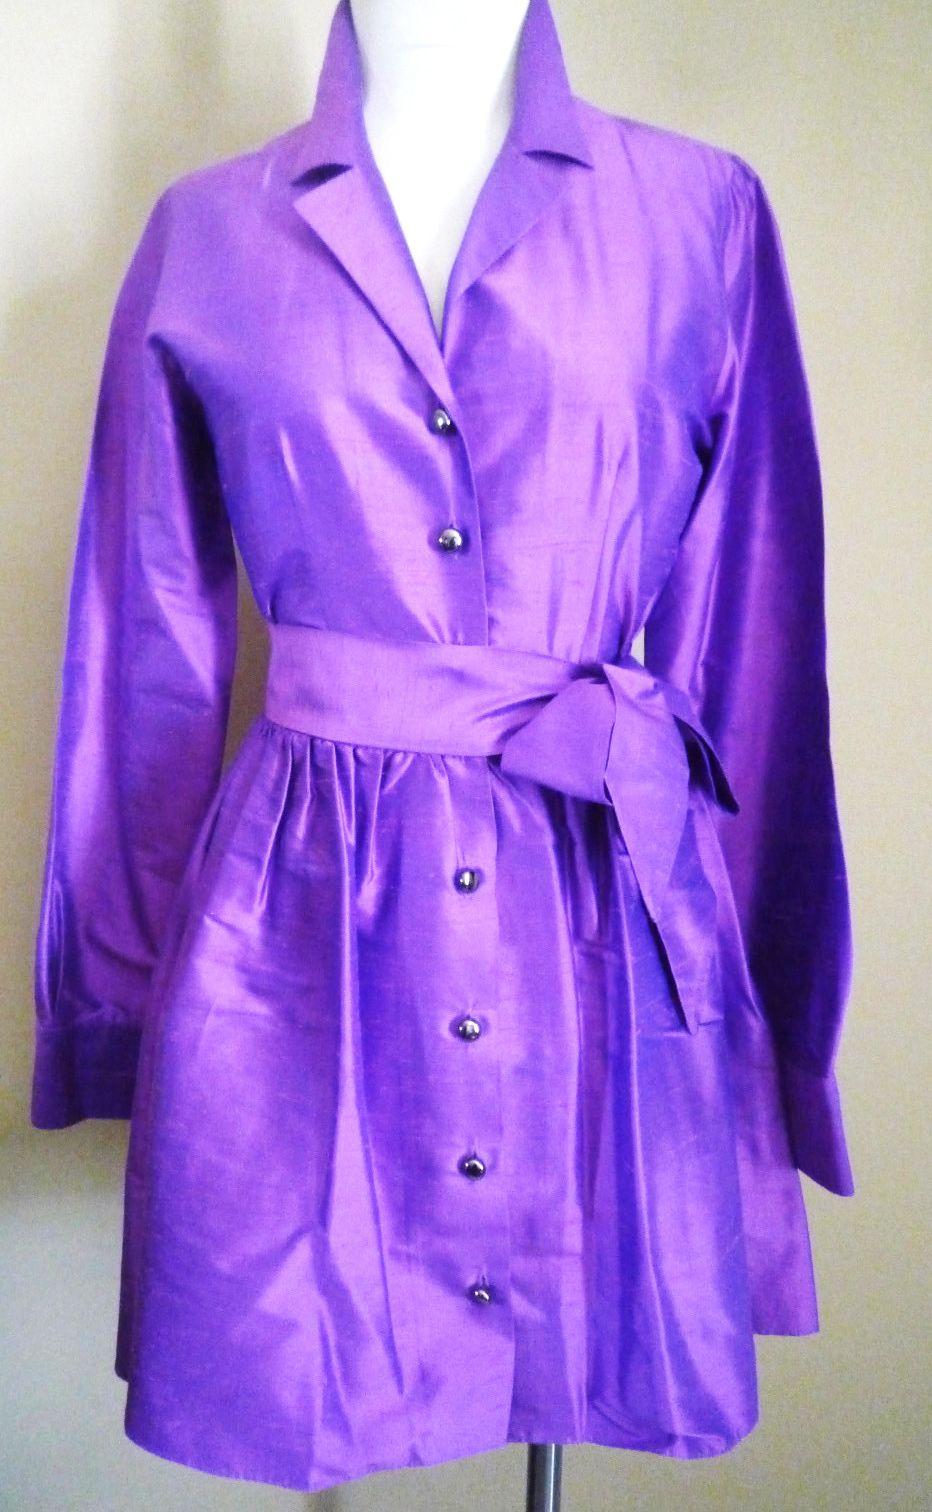 Vintage s retro s vintage style cynthia rowley silk dress size